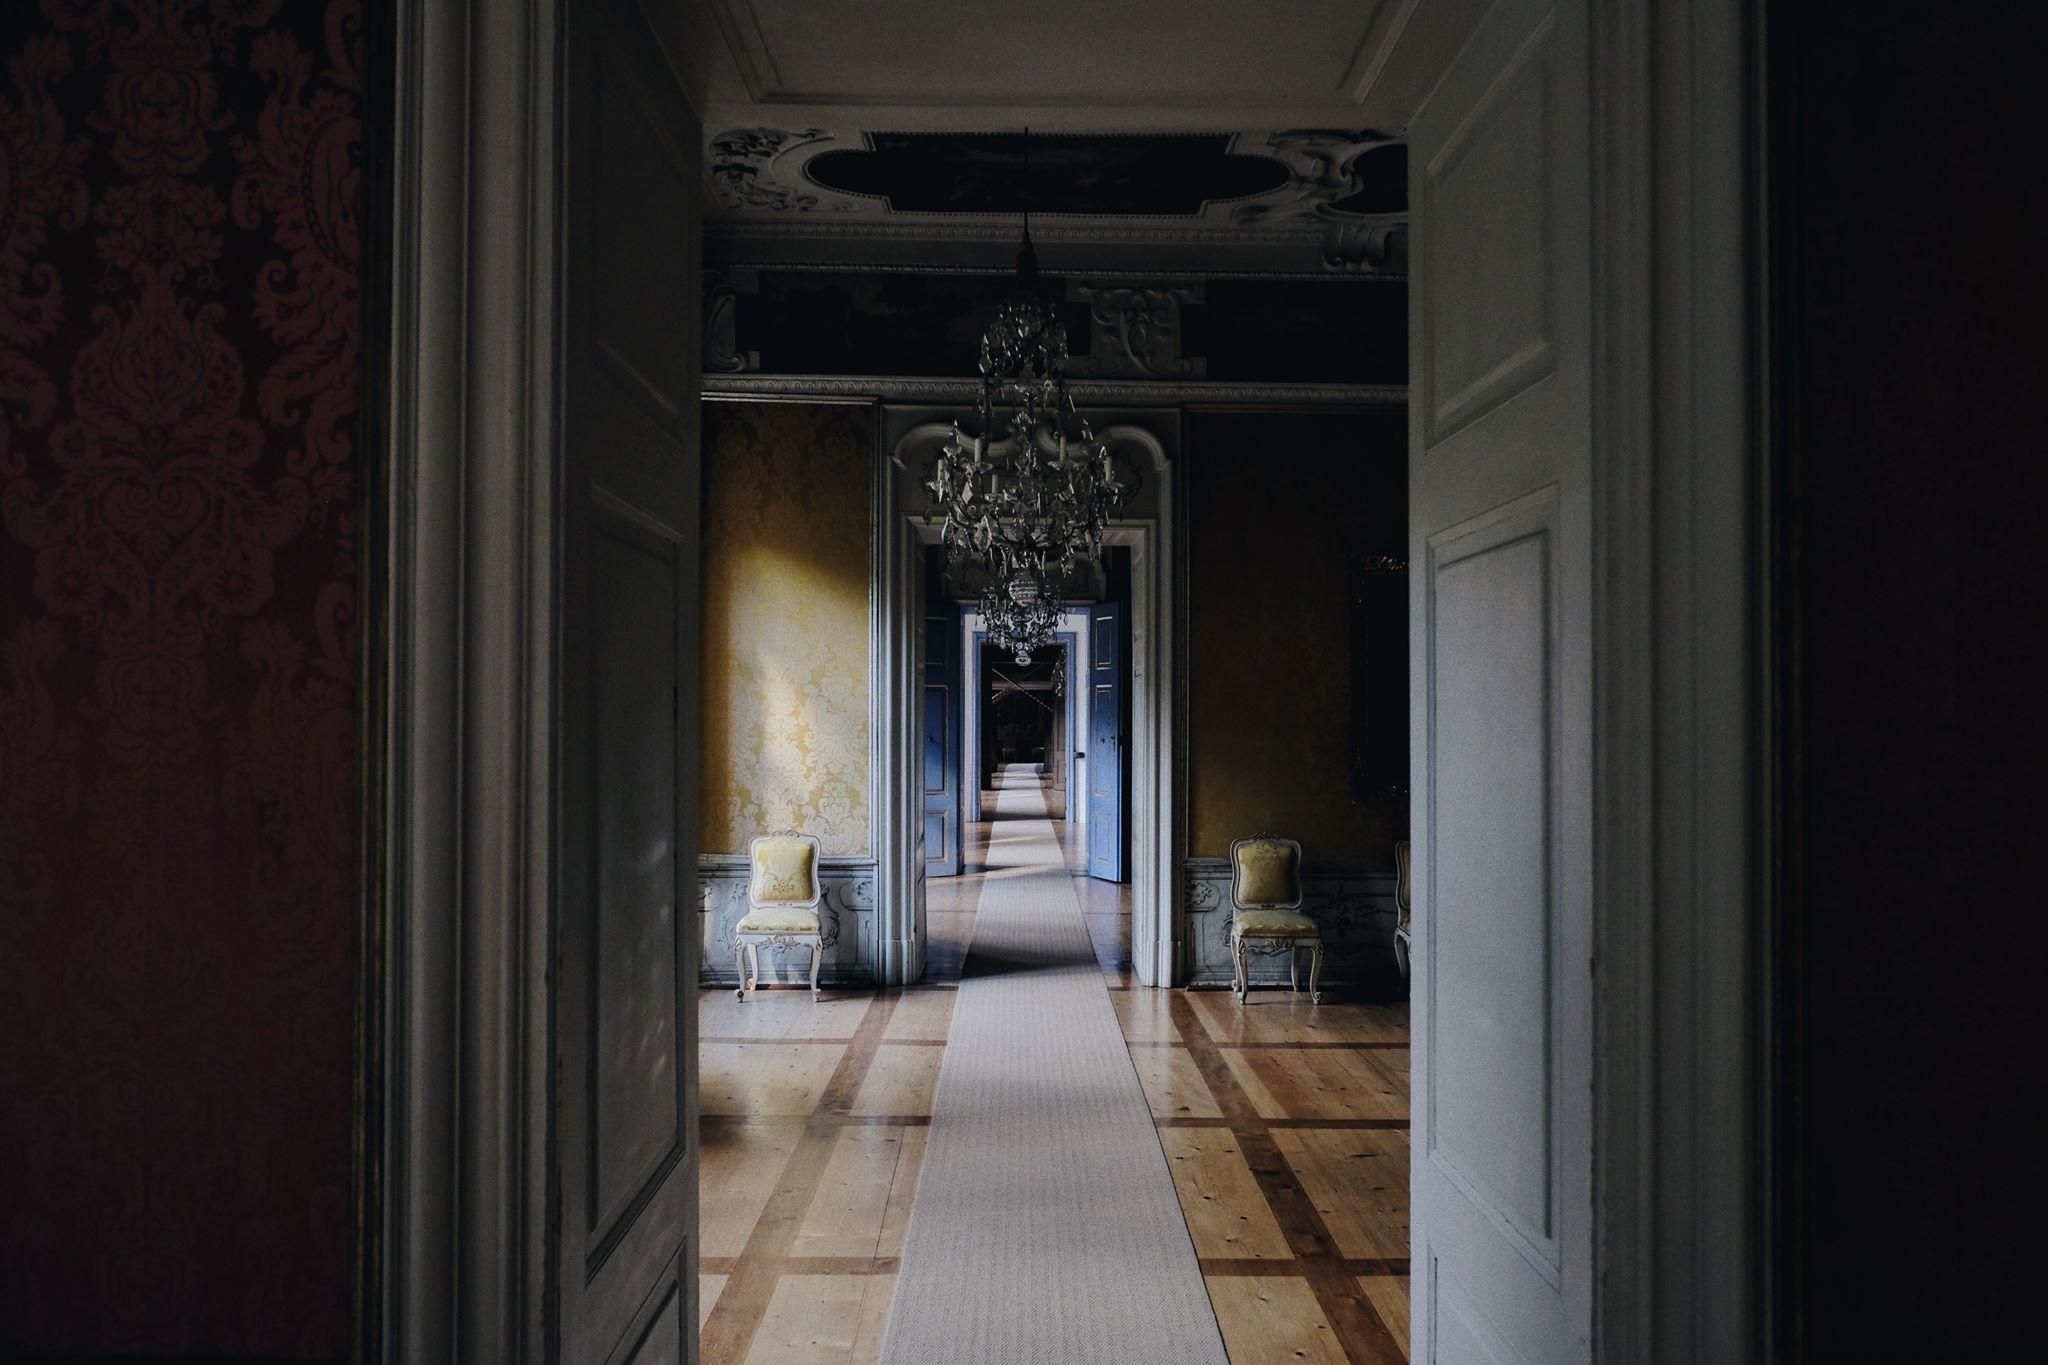 Pohľad naprieč zasebou umiestnenými izbami takým spôsobom, ako tomu bolo v hradoch, zámkoch a kaštieľoch